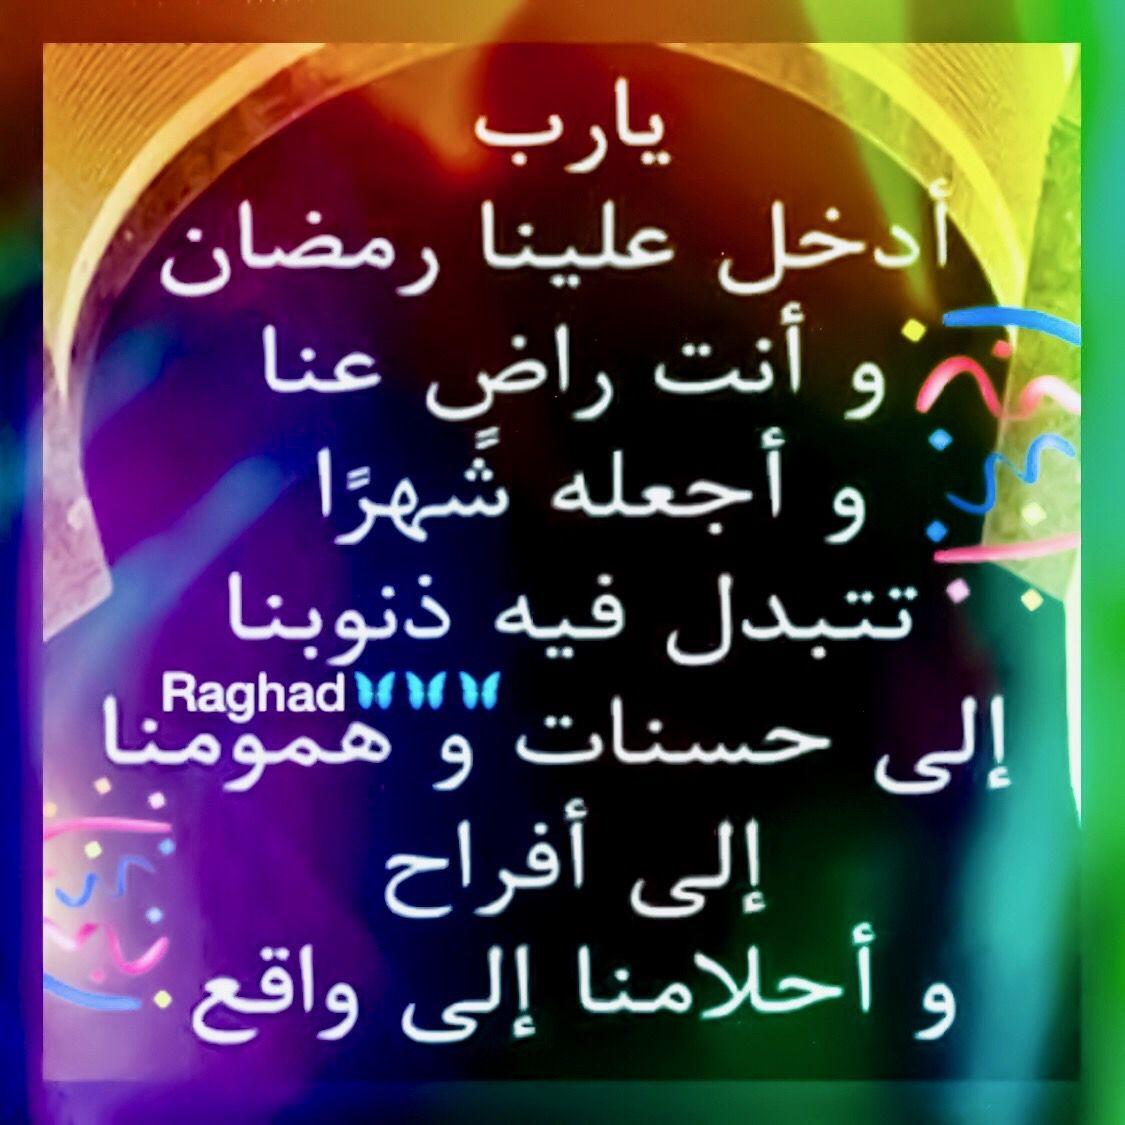 Desertrose ربي يسر أمورنا وأمور أحبتنا وفرج همومنا وهموم أحبتنا وارزقنا يارب بلا حساب من حيث لا نحتسب اللهم لا Ramadan Kareem Morning Blessings Ramadan